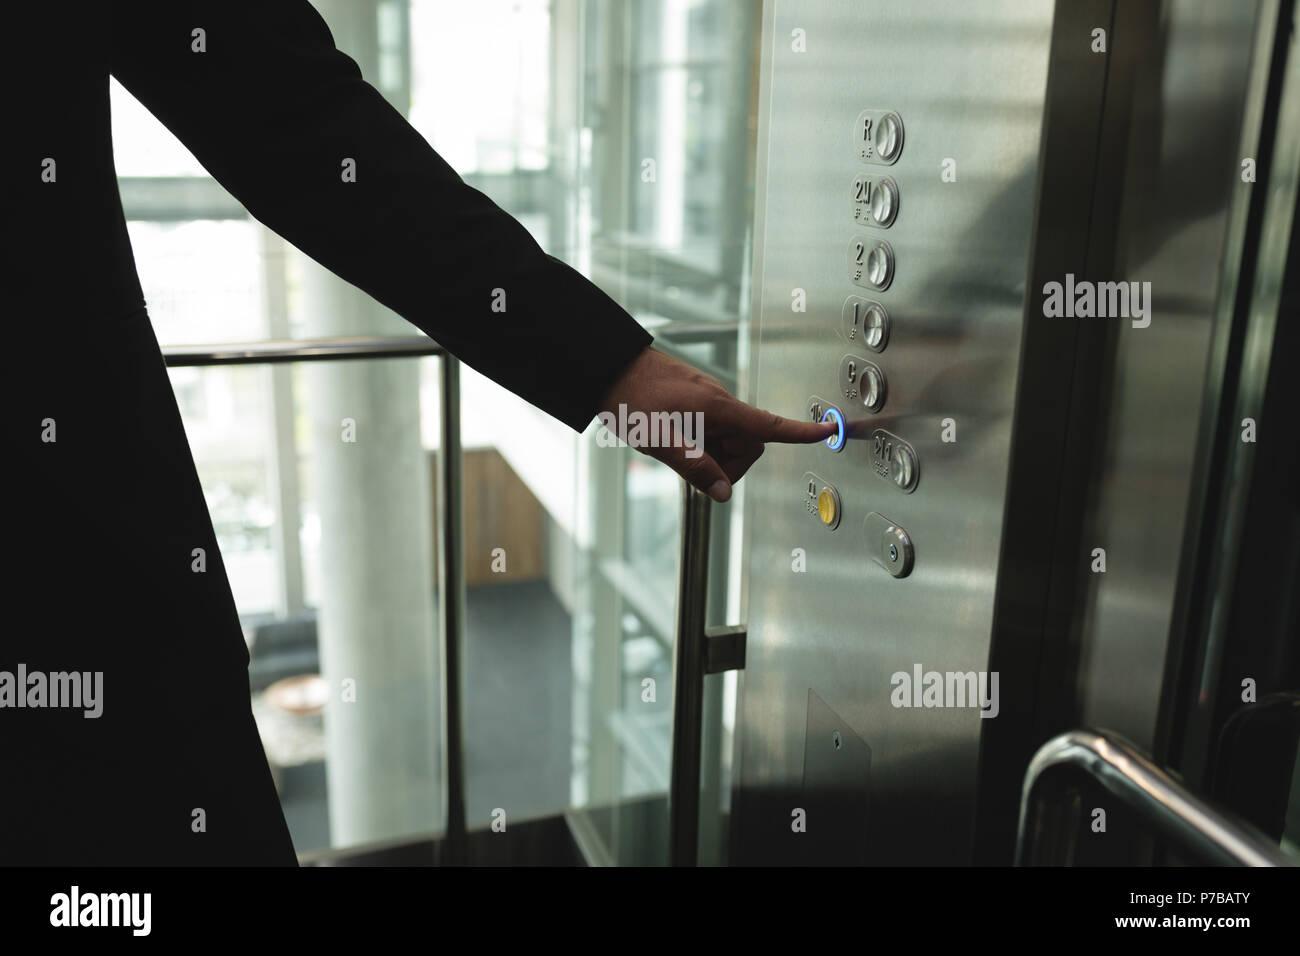 Empresario pulsando un botón en el ascensor Foto de stock